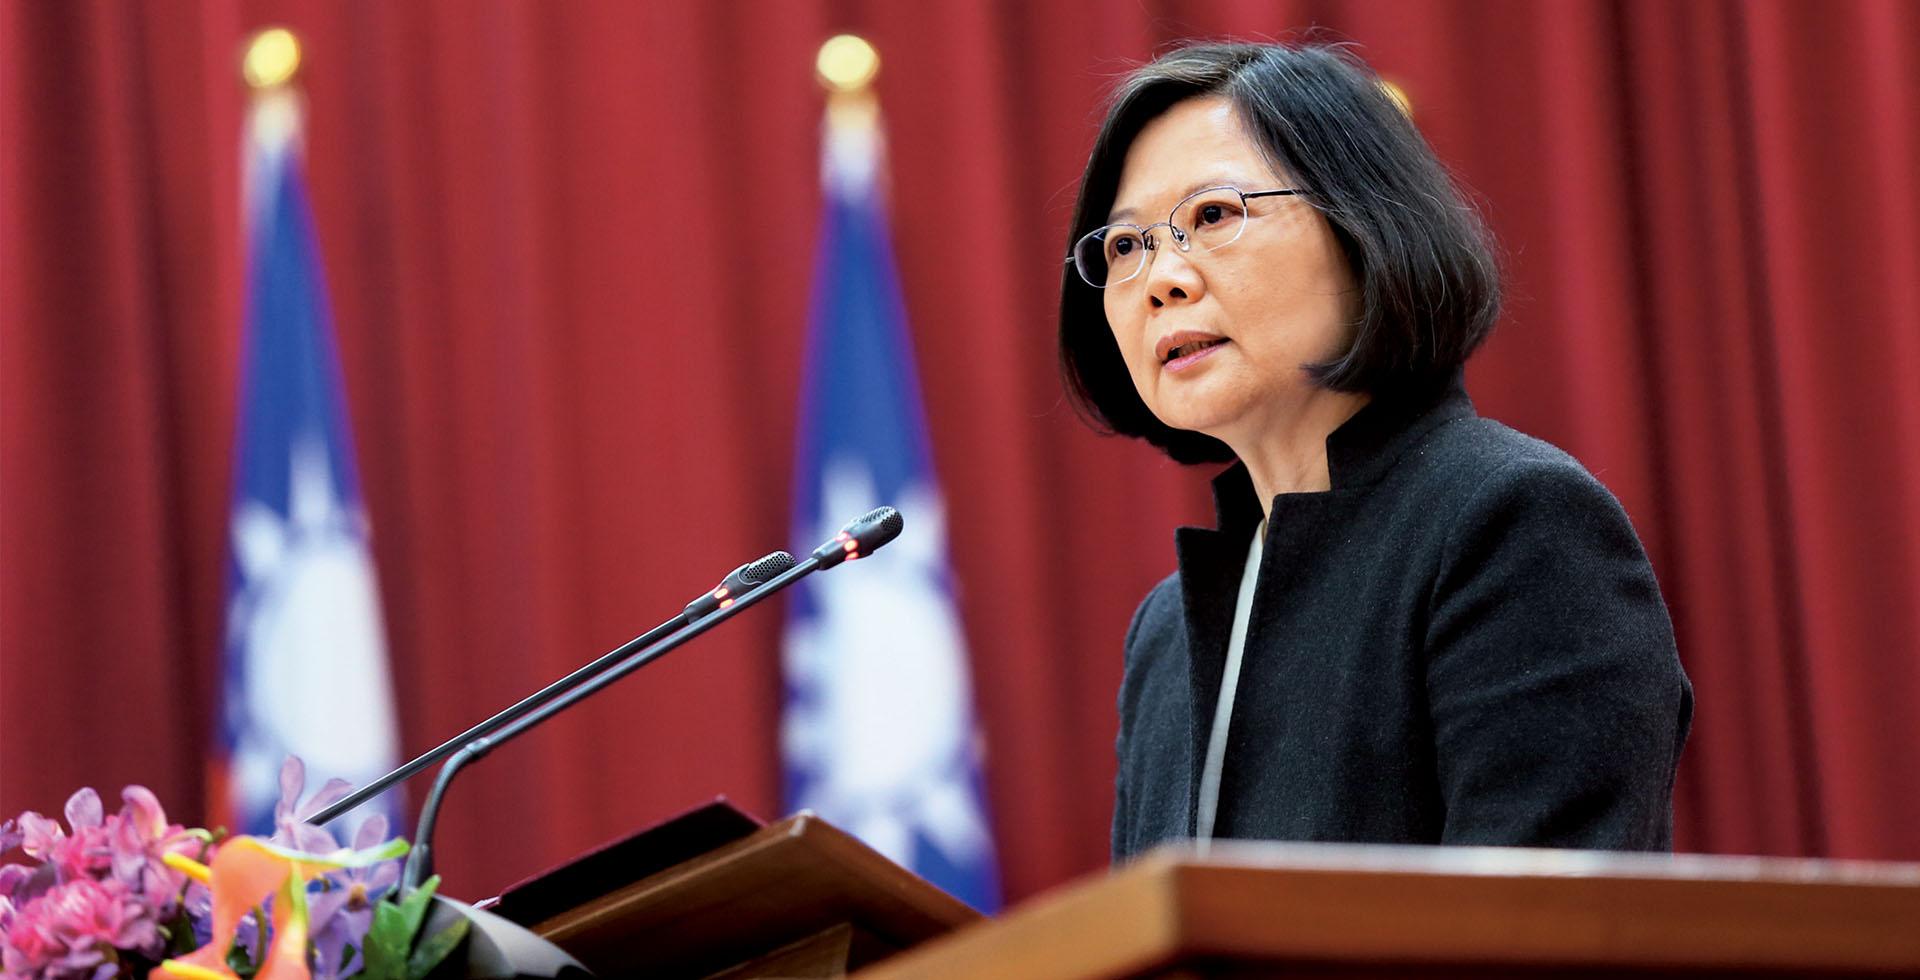 蔡英文:經濟穩定優先,下屆央行總裁匯率政策不會U型反轉